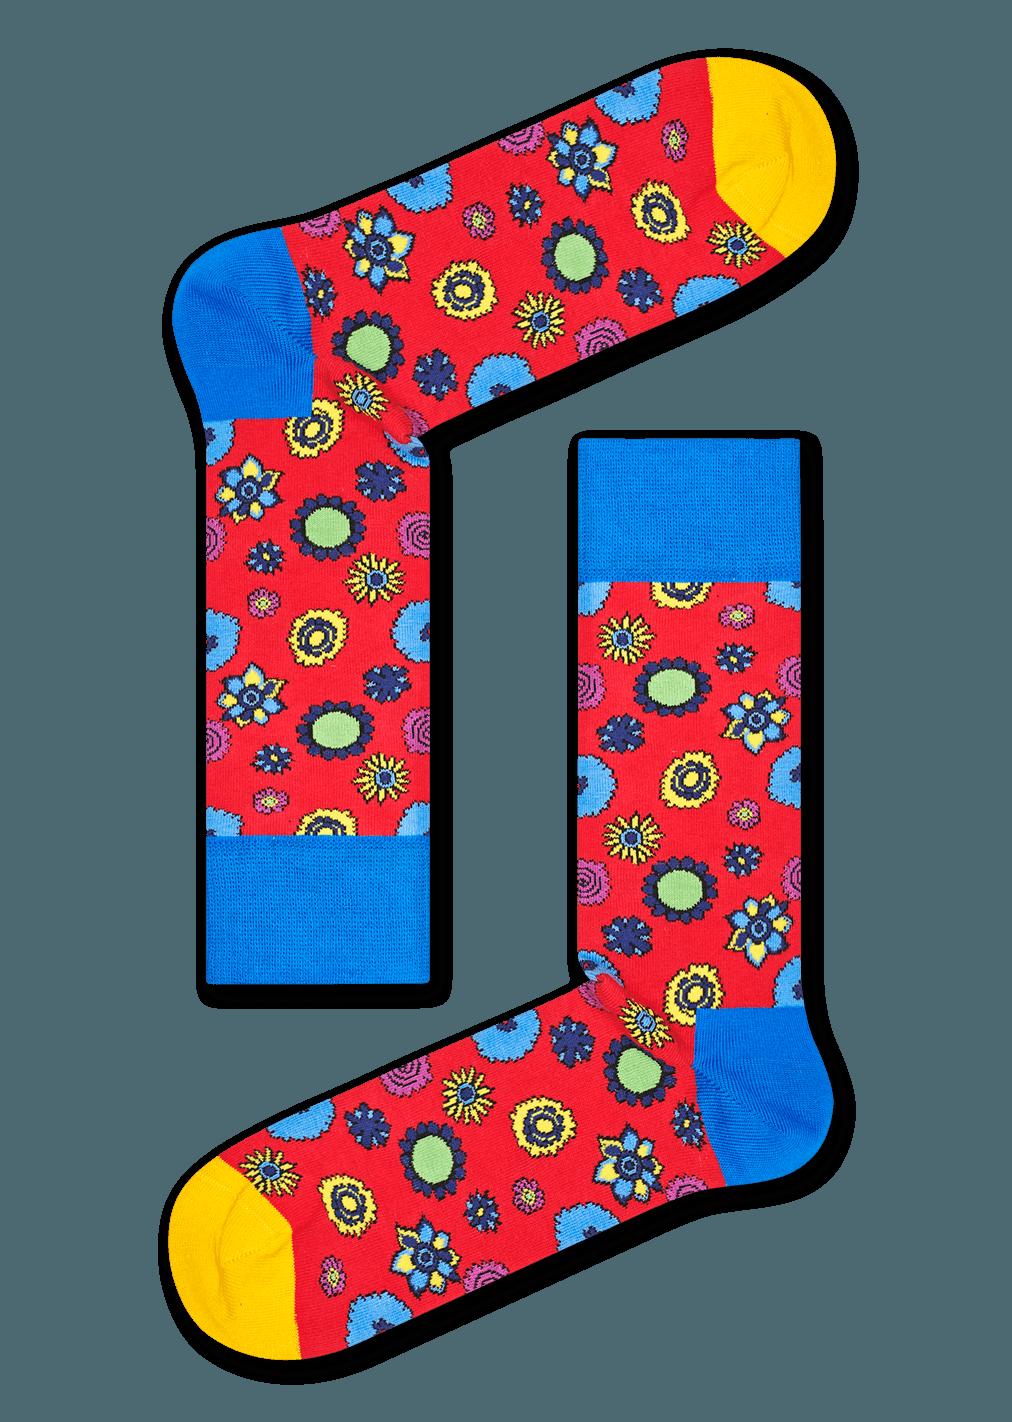 The Beatles Flower Power Sock